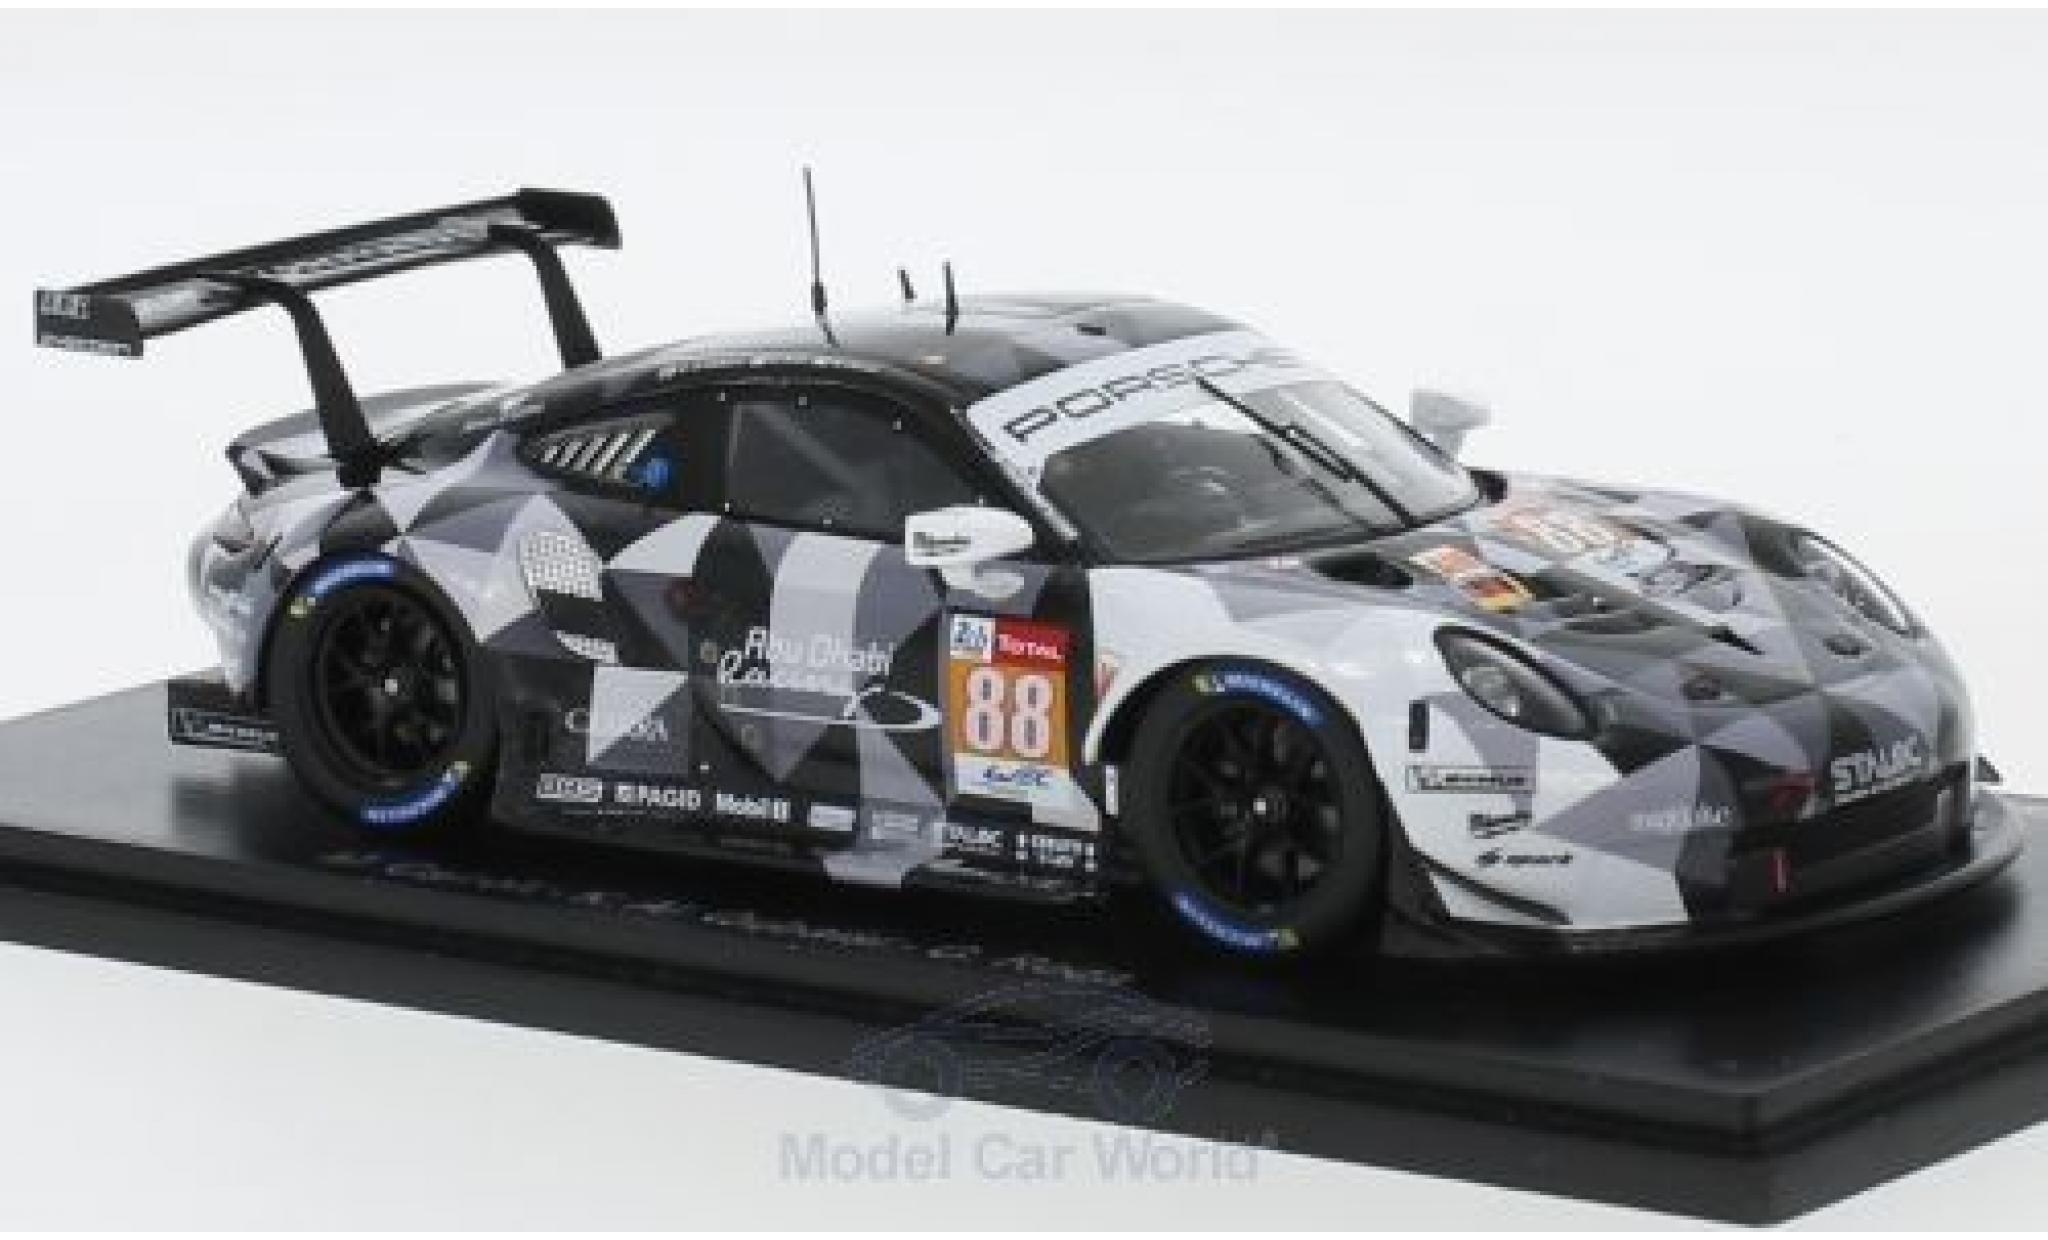 Porsche 991 RSR 1/43 Spark 911  No.88 Dempsey Predon Racing 24h Le Mans 2018 M.Cairoli/K.Al Qubaisi/G.Roda